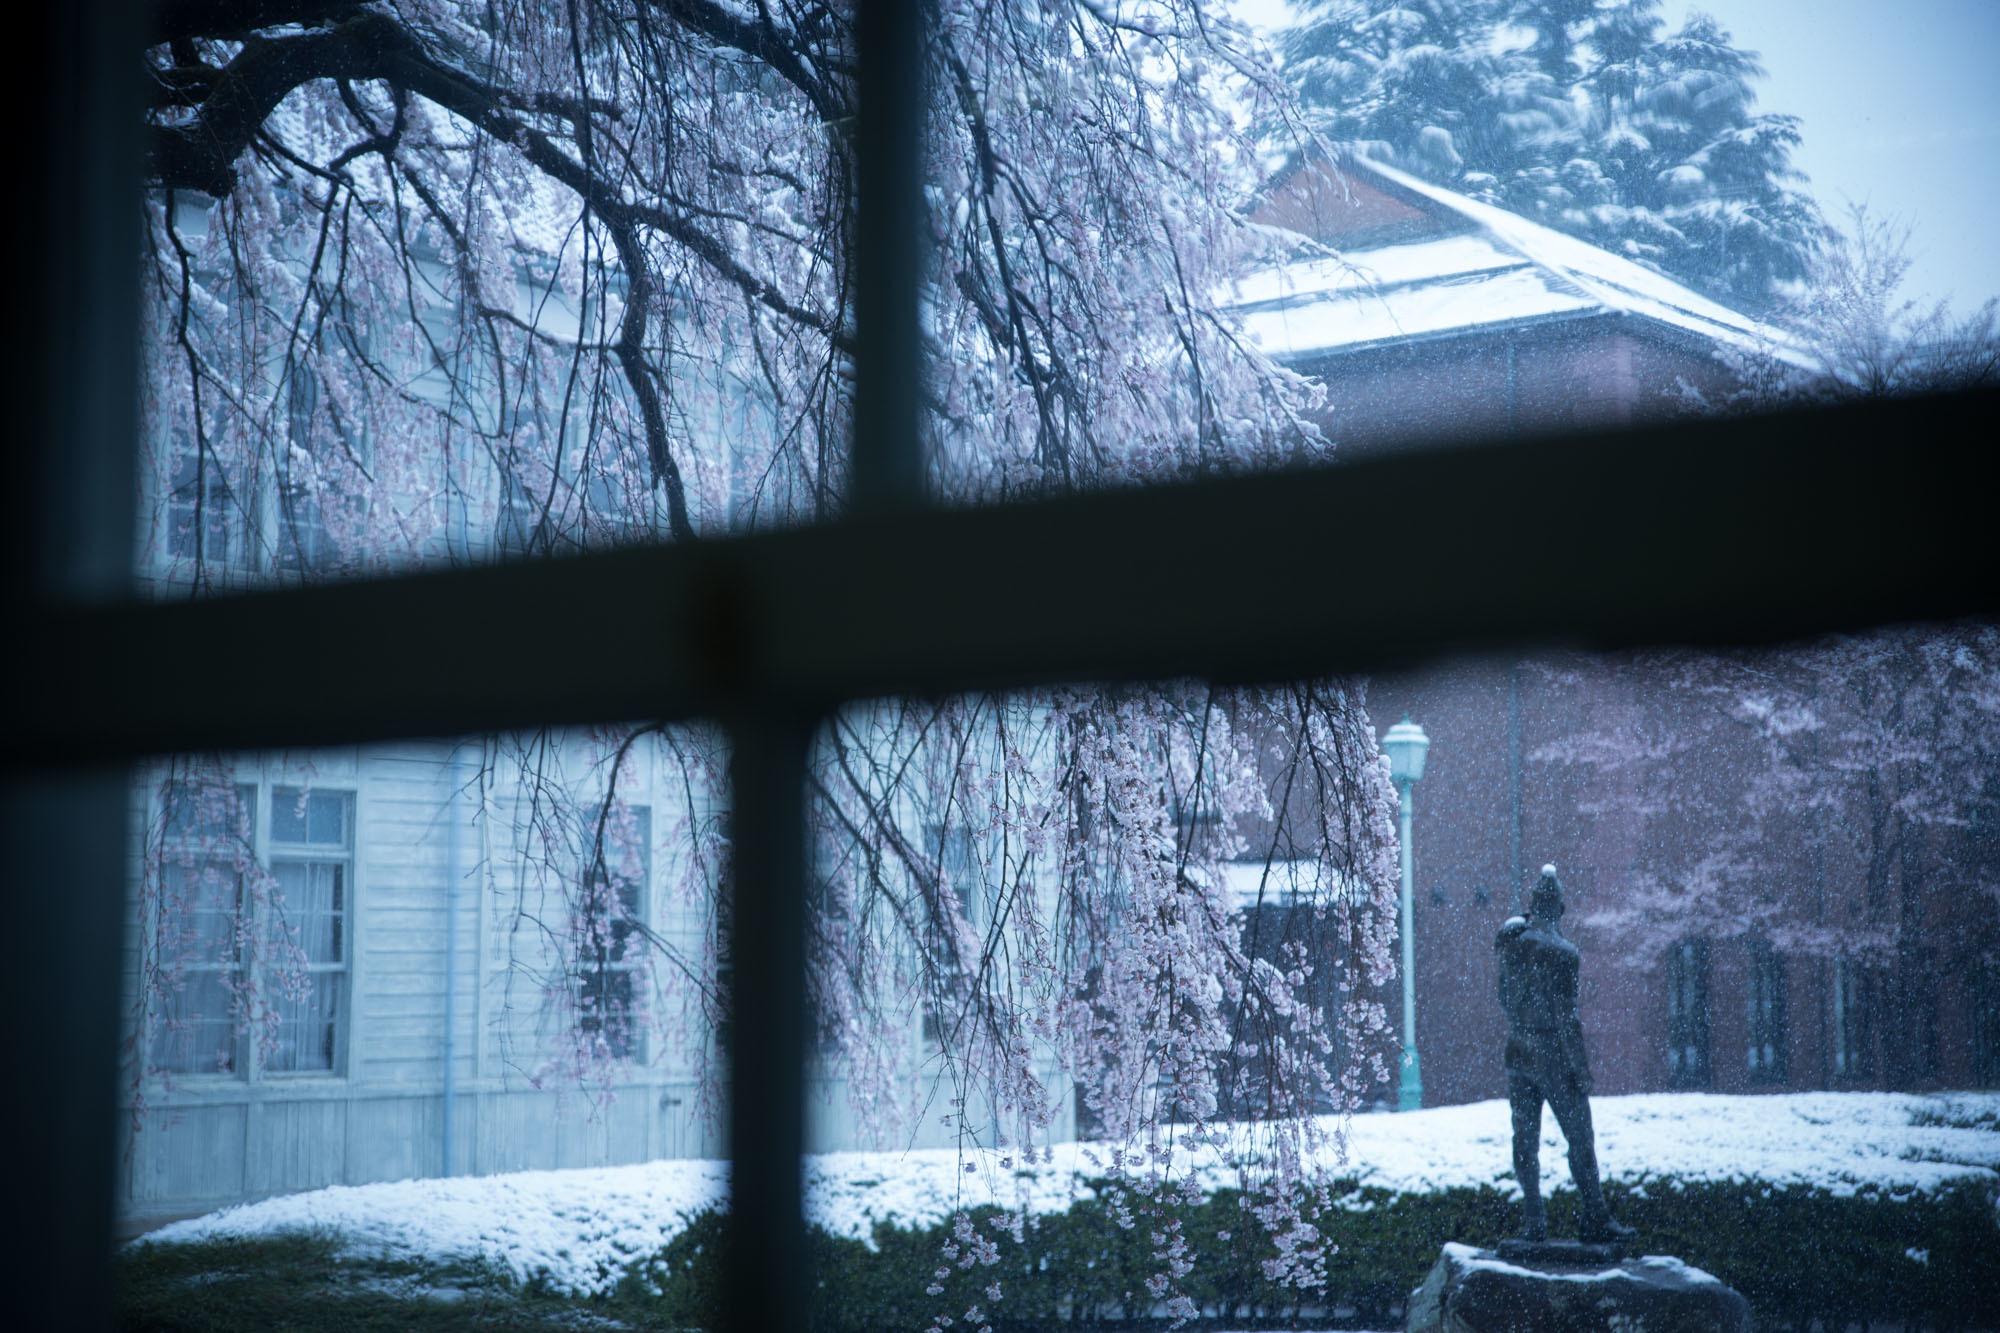 なごり雪の窓辺~あがたの森の枝垂桜~_d0349418_20493710.jpg